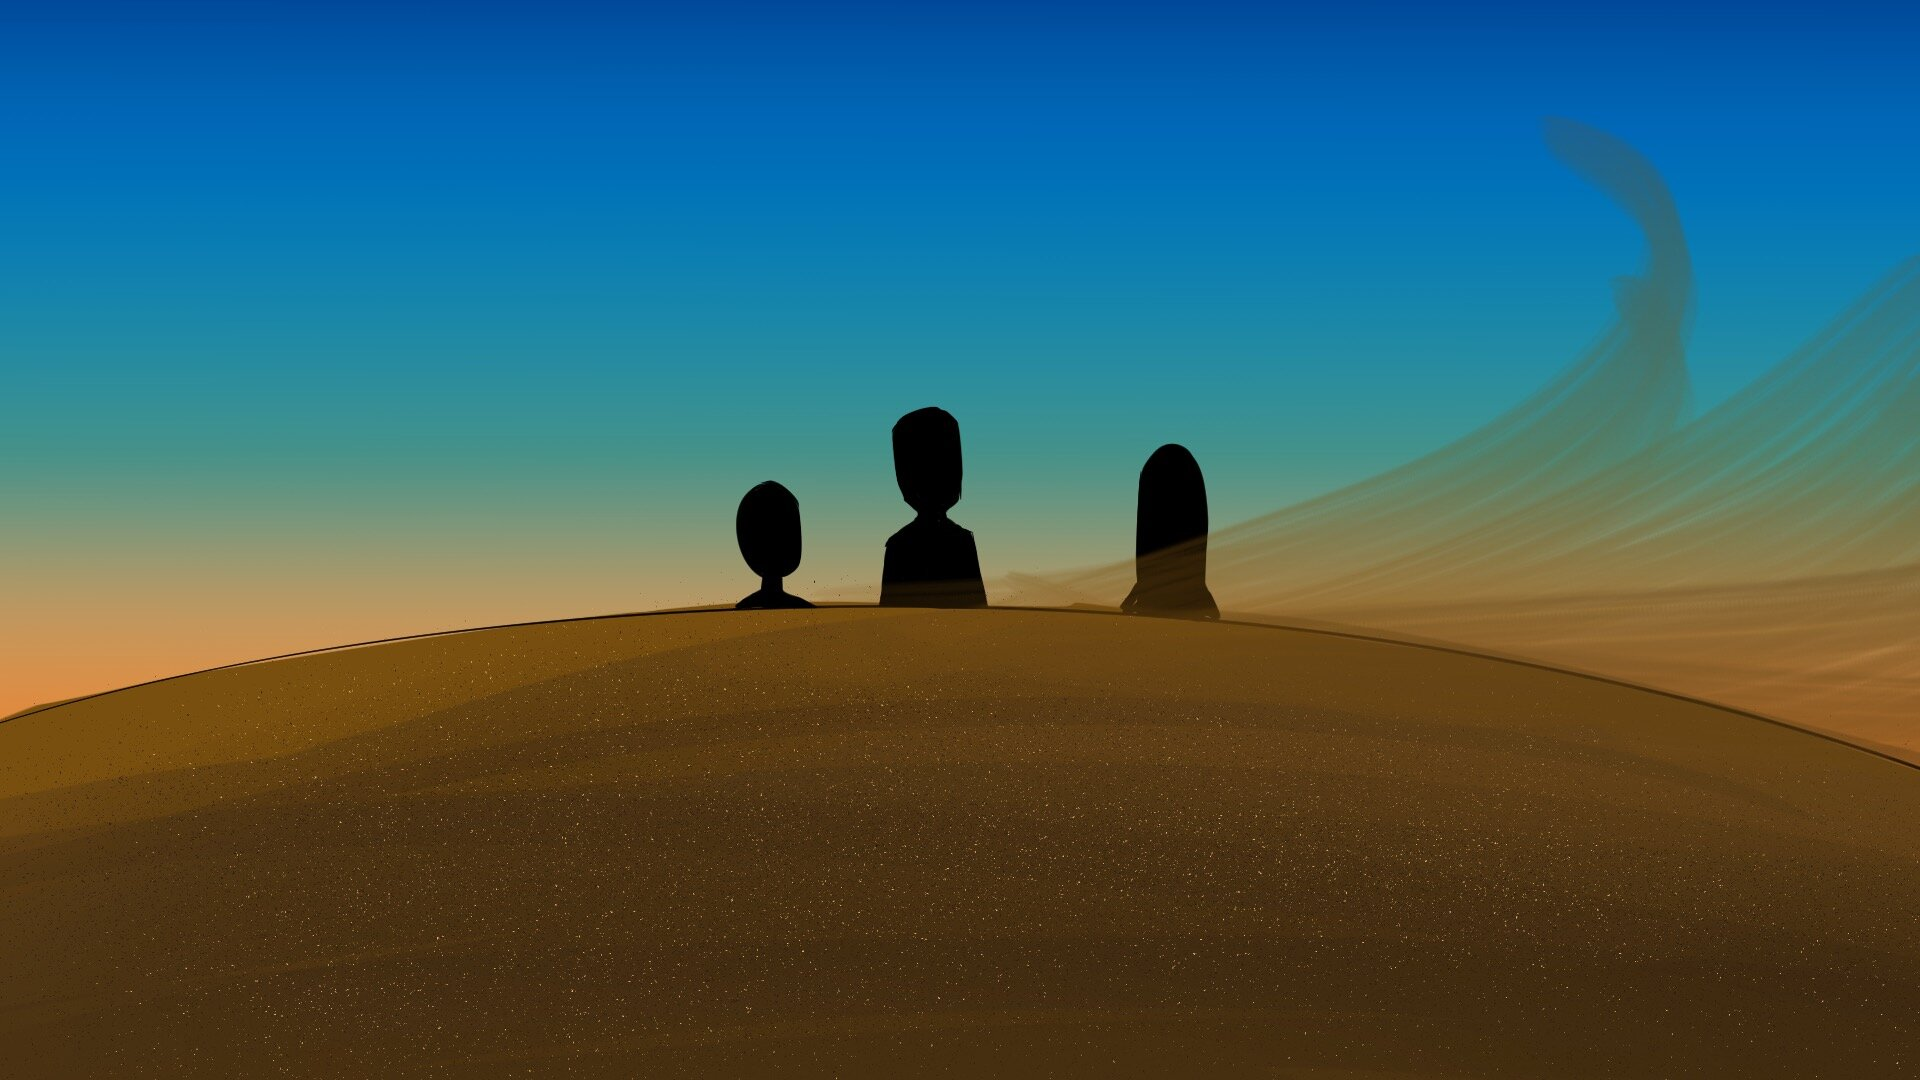 desert_wide_3.jpg